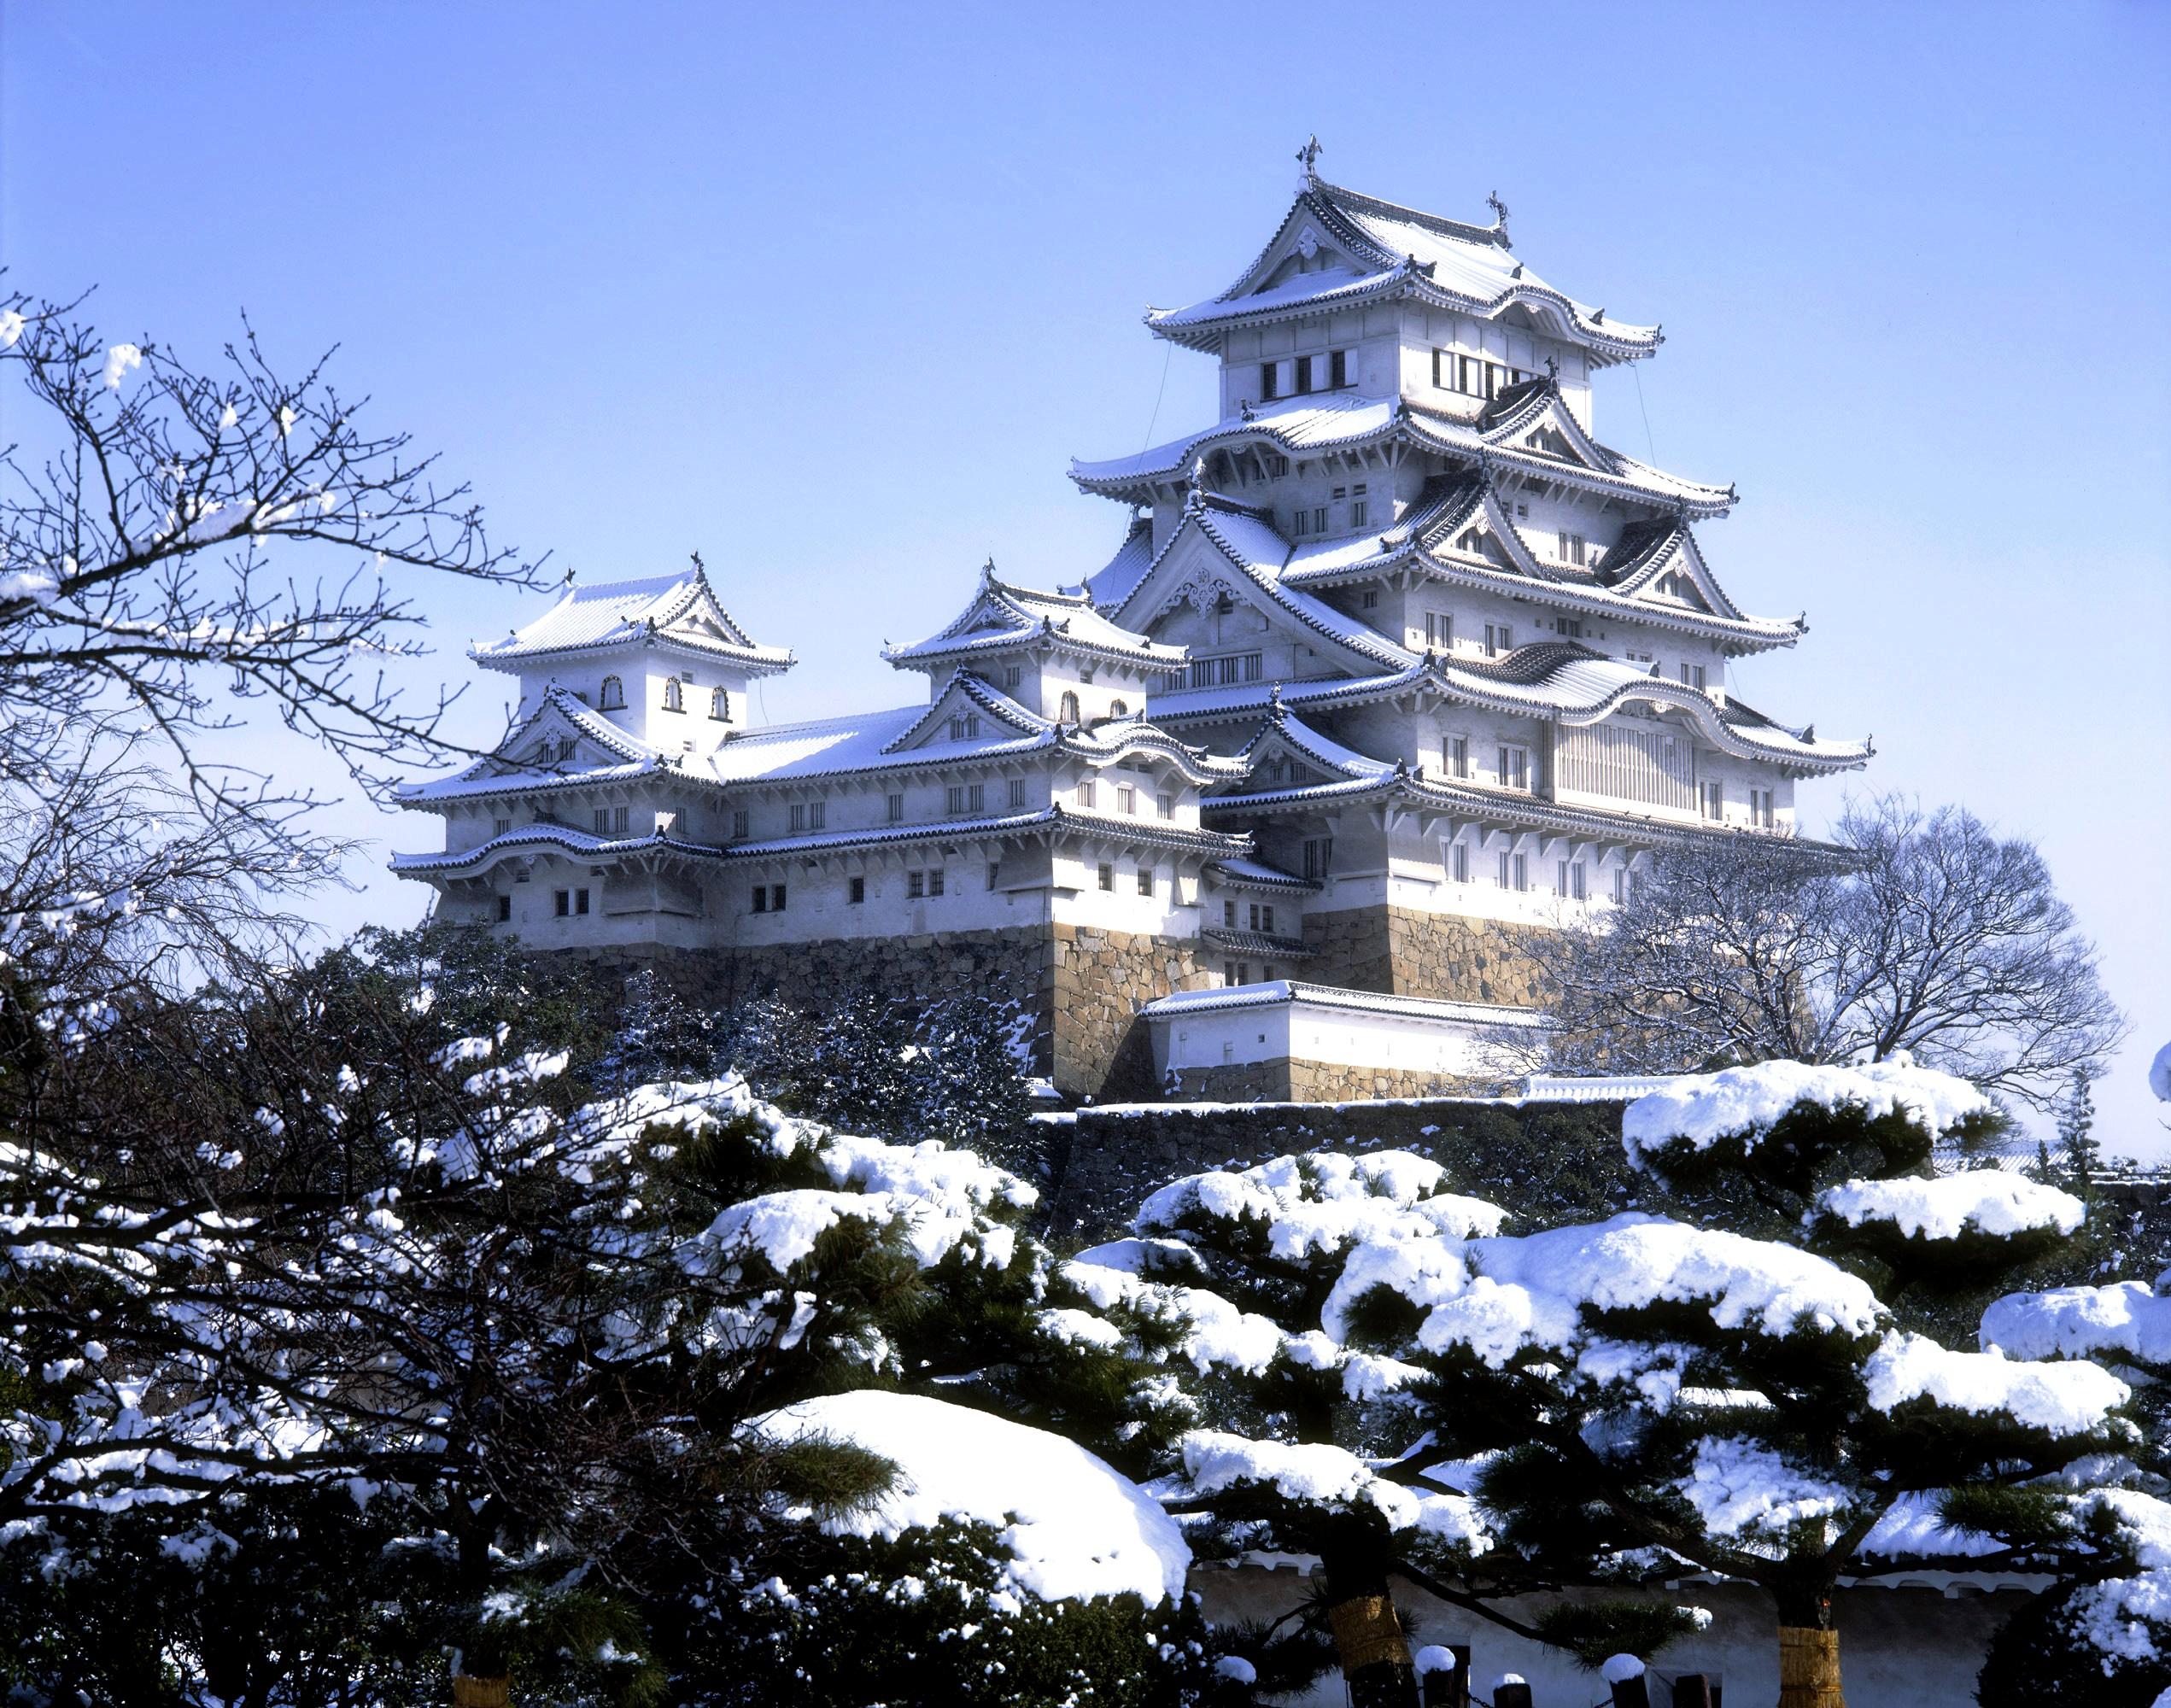 зимний пейзаж замка химэдзи